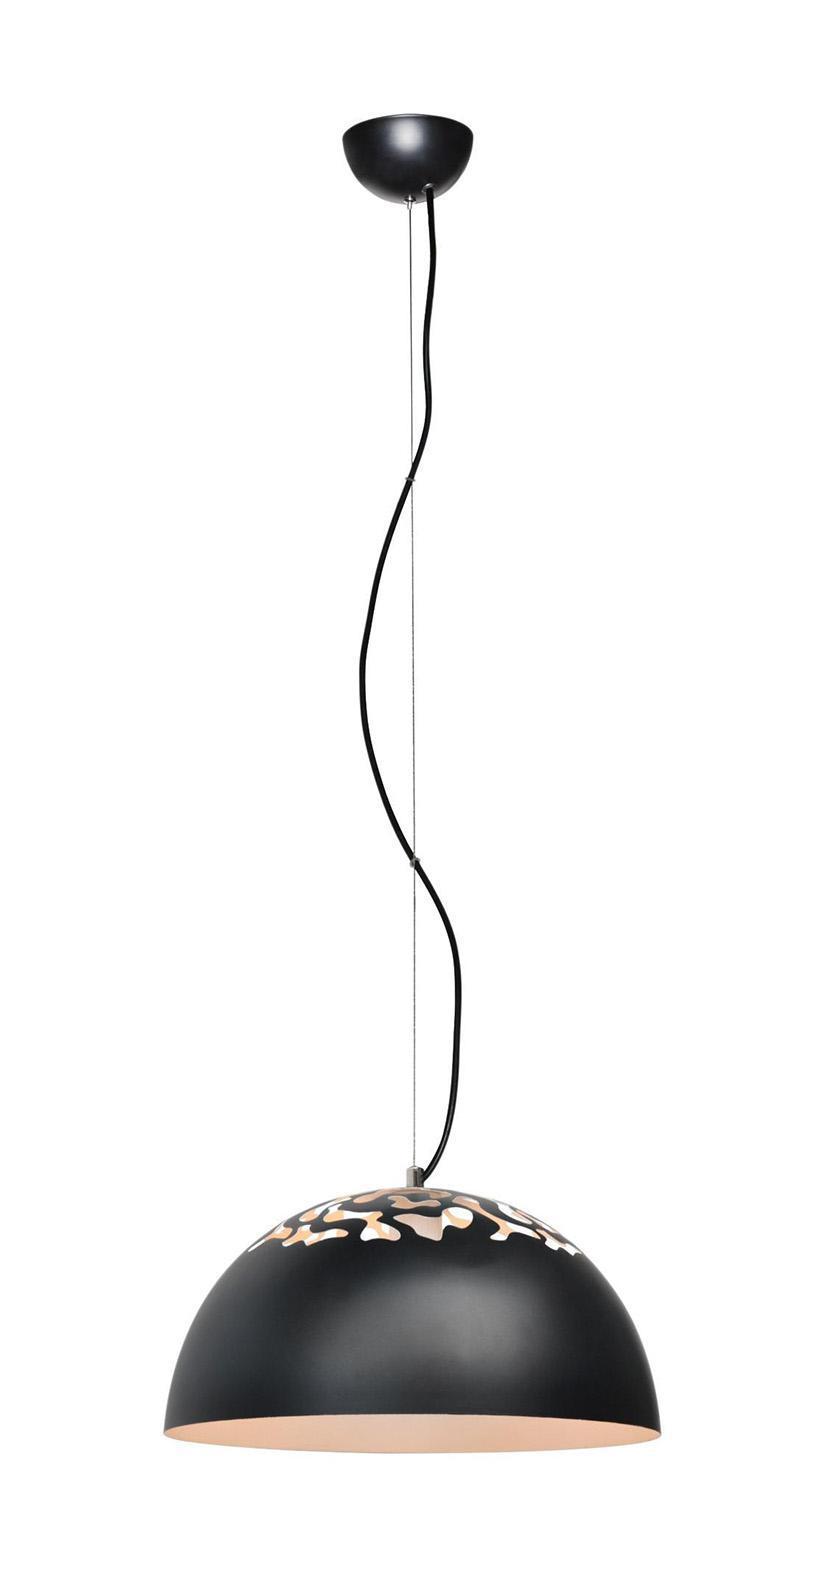 Светильник подвесной Arte lampСветильники подвесные<br>Количество ламп: 1,<br>Мощность: 60,<br>Назначение светильника: для комнаты,<br>Стиль светильника: модерн,<br>Материал светильника: металл,<br>Диаметр: 400,<br>Высота: 1200,<br>Тип лампы: накаливания,<br>Патрон: Е27,<br>Цвет арматуры: черный,<br>Вес нетто: 1.4<br>